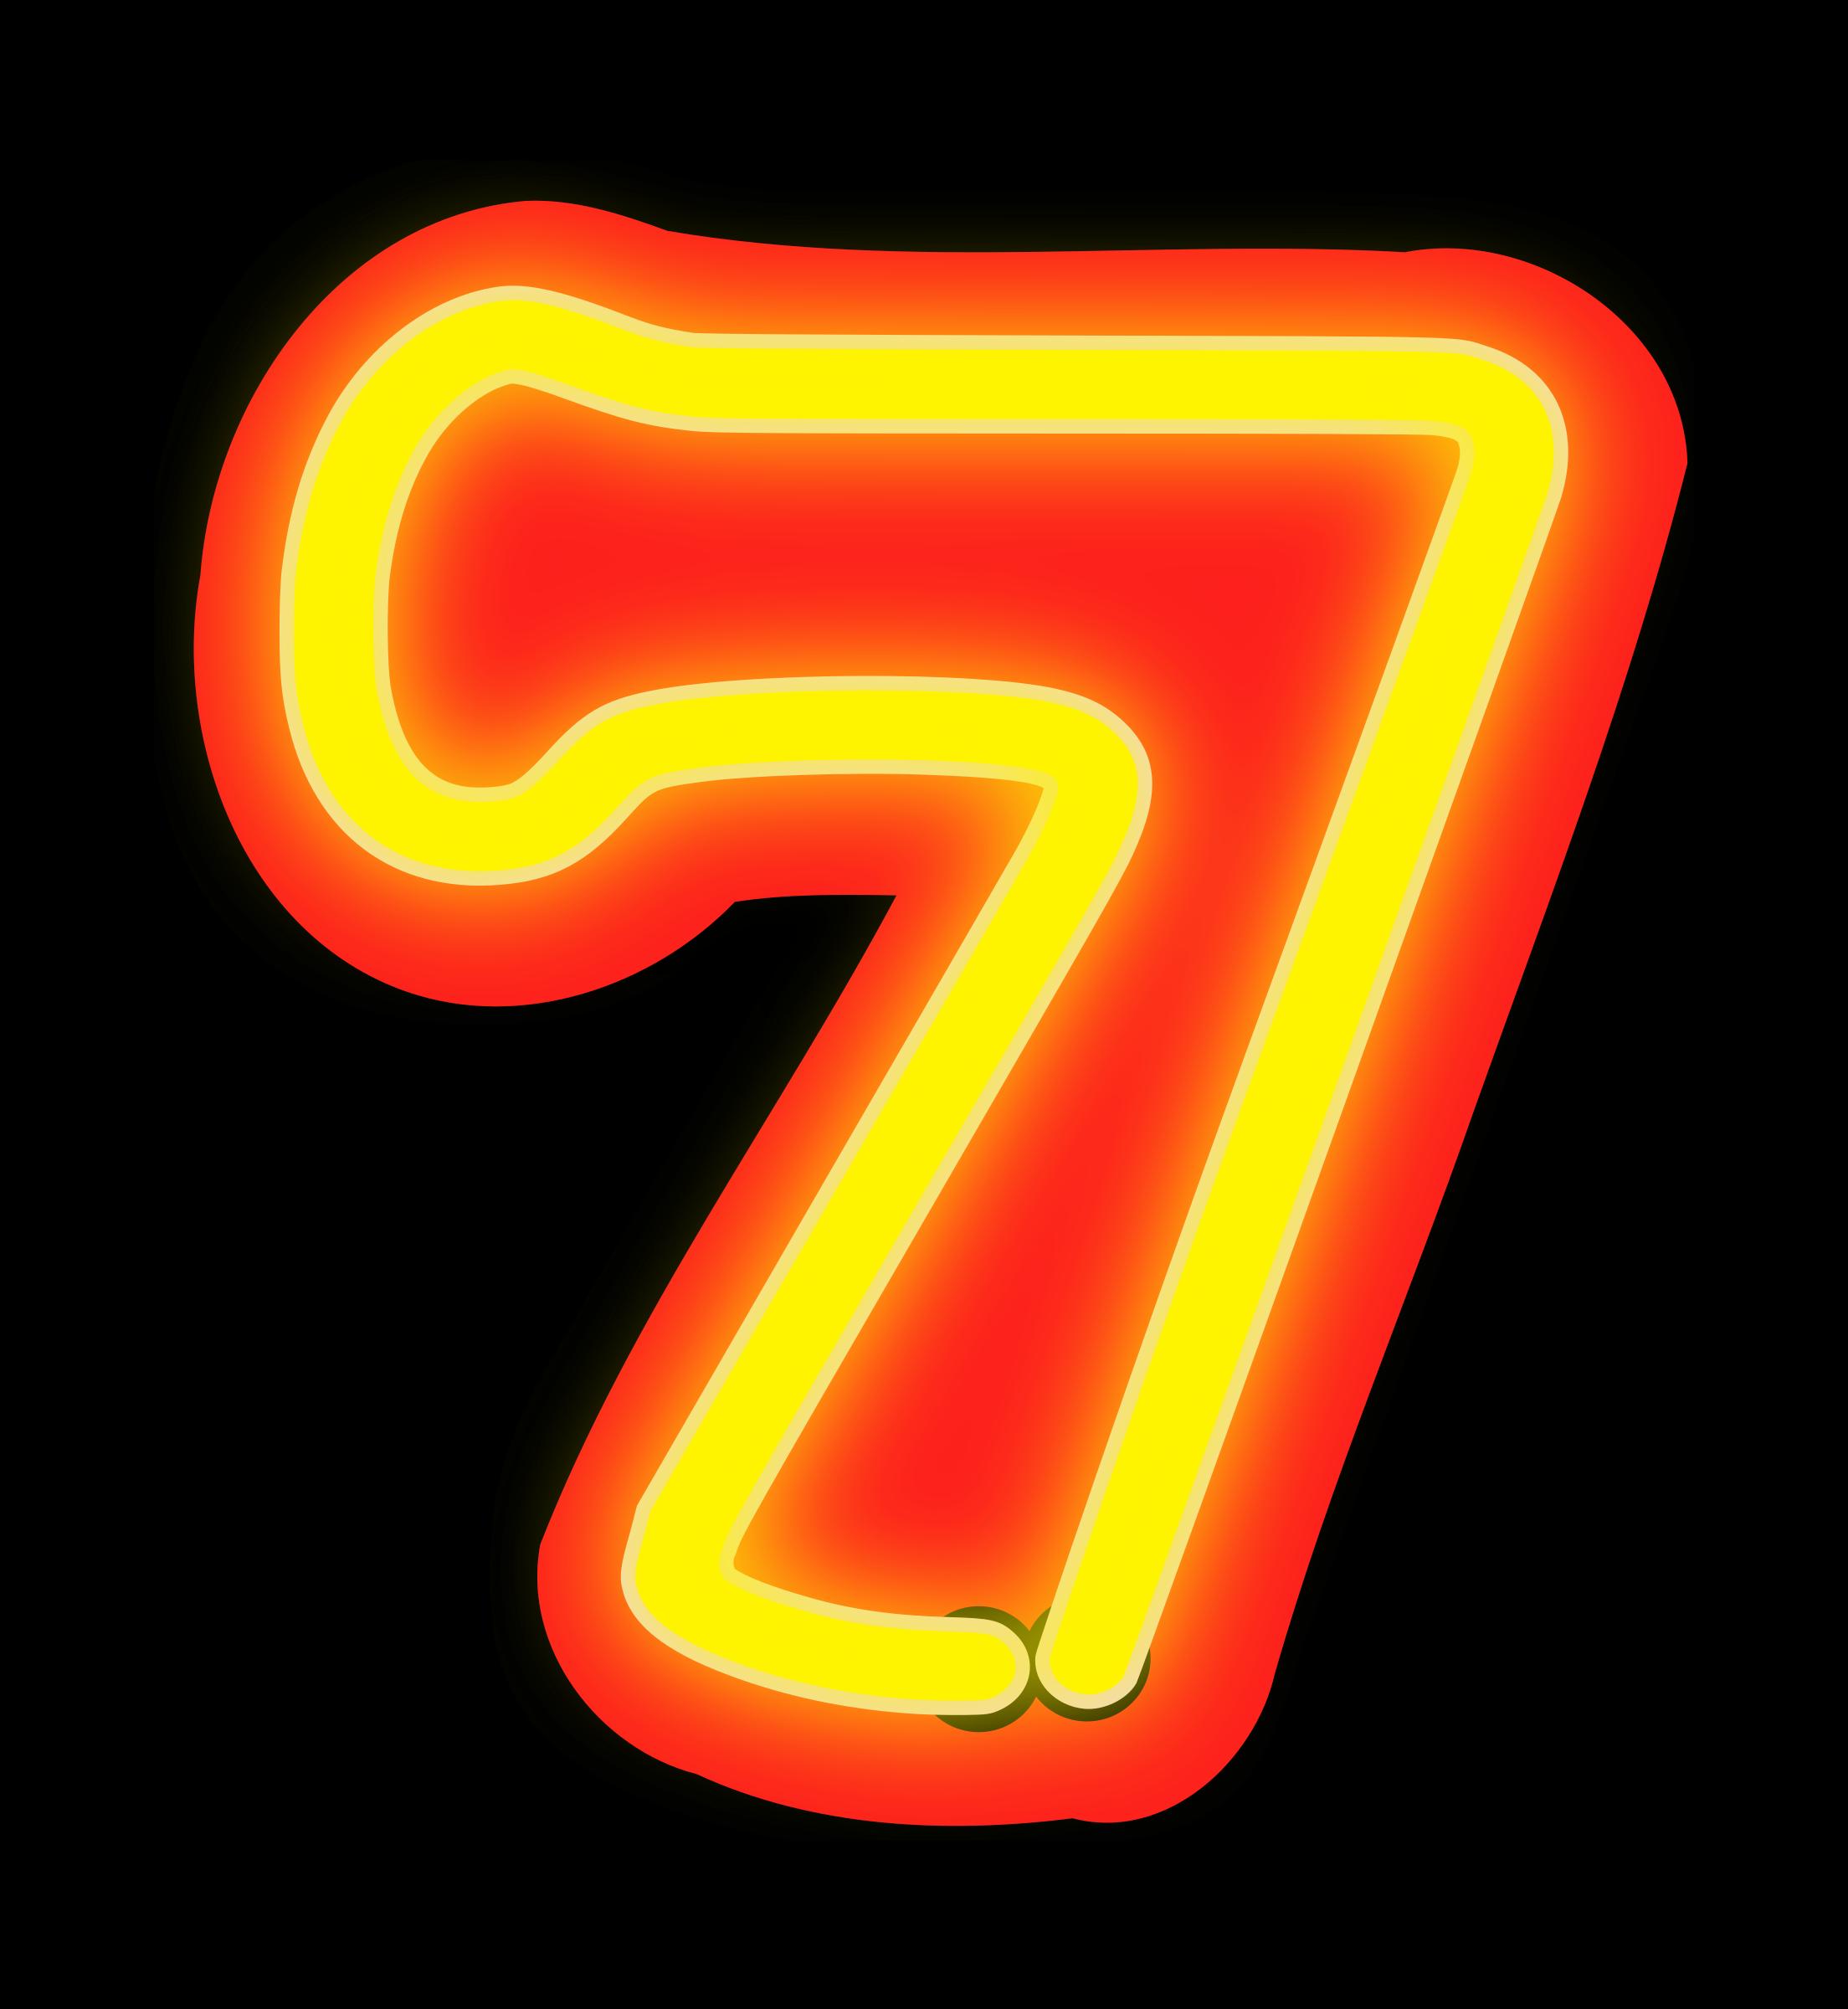 clipart neon numerals 7 microsoft office 2010 clip art gallery microsoft office 2010 clip art